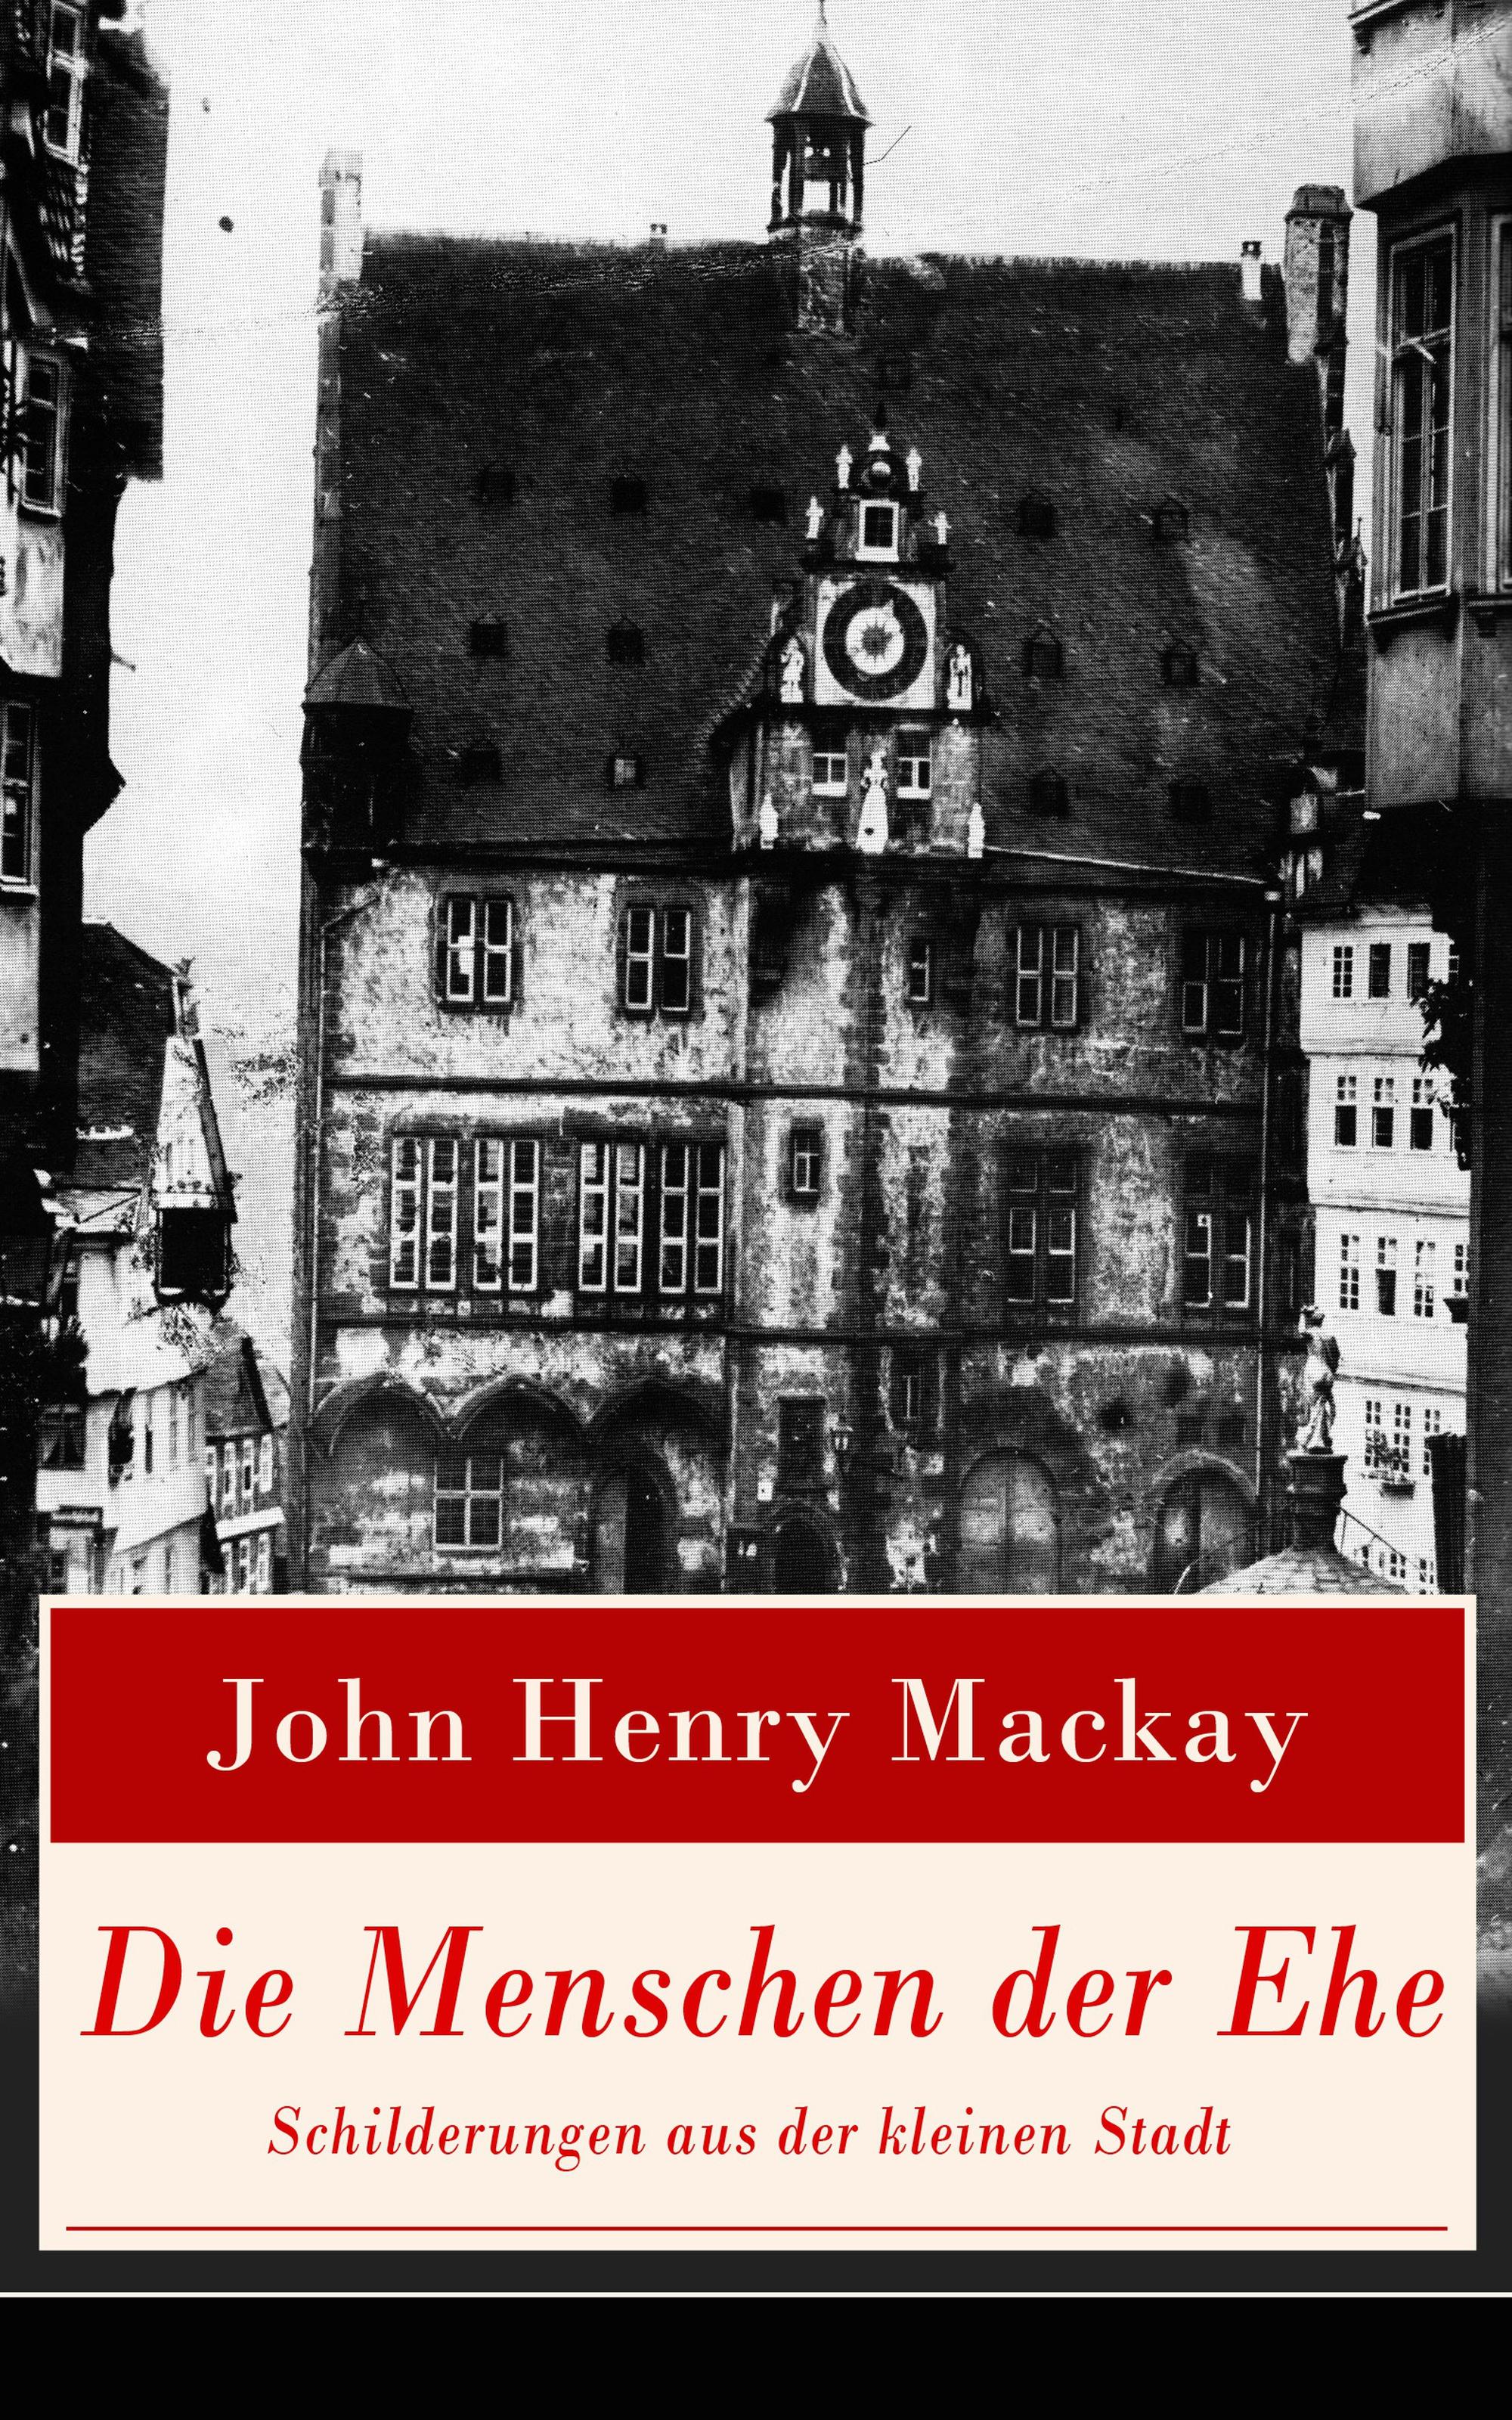 John Henry MacKay Die Menschen der Ehe - Schilderungen aus der kleinen Stadt